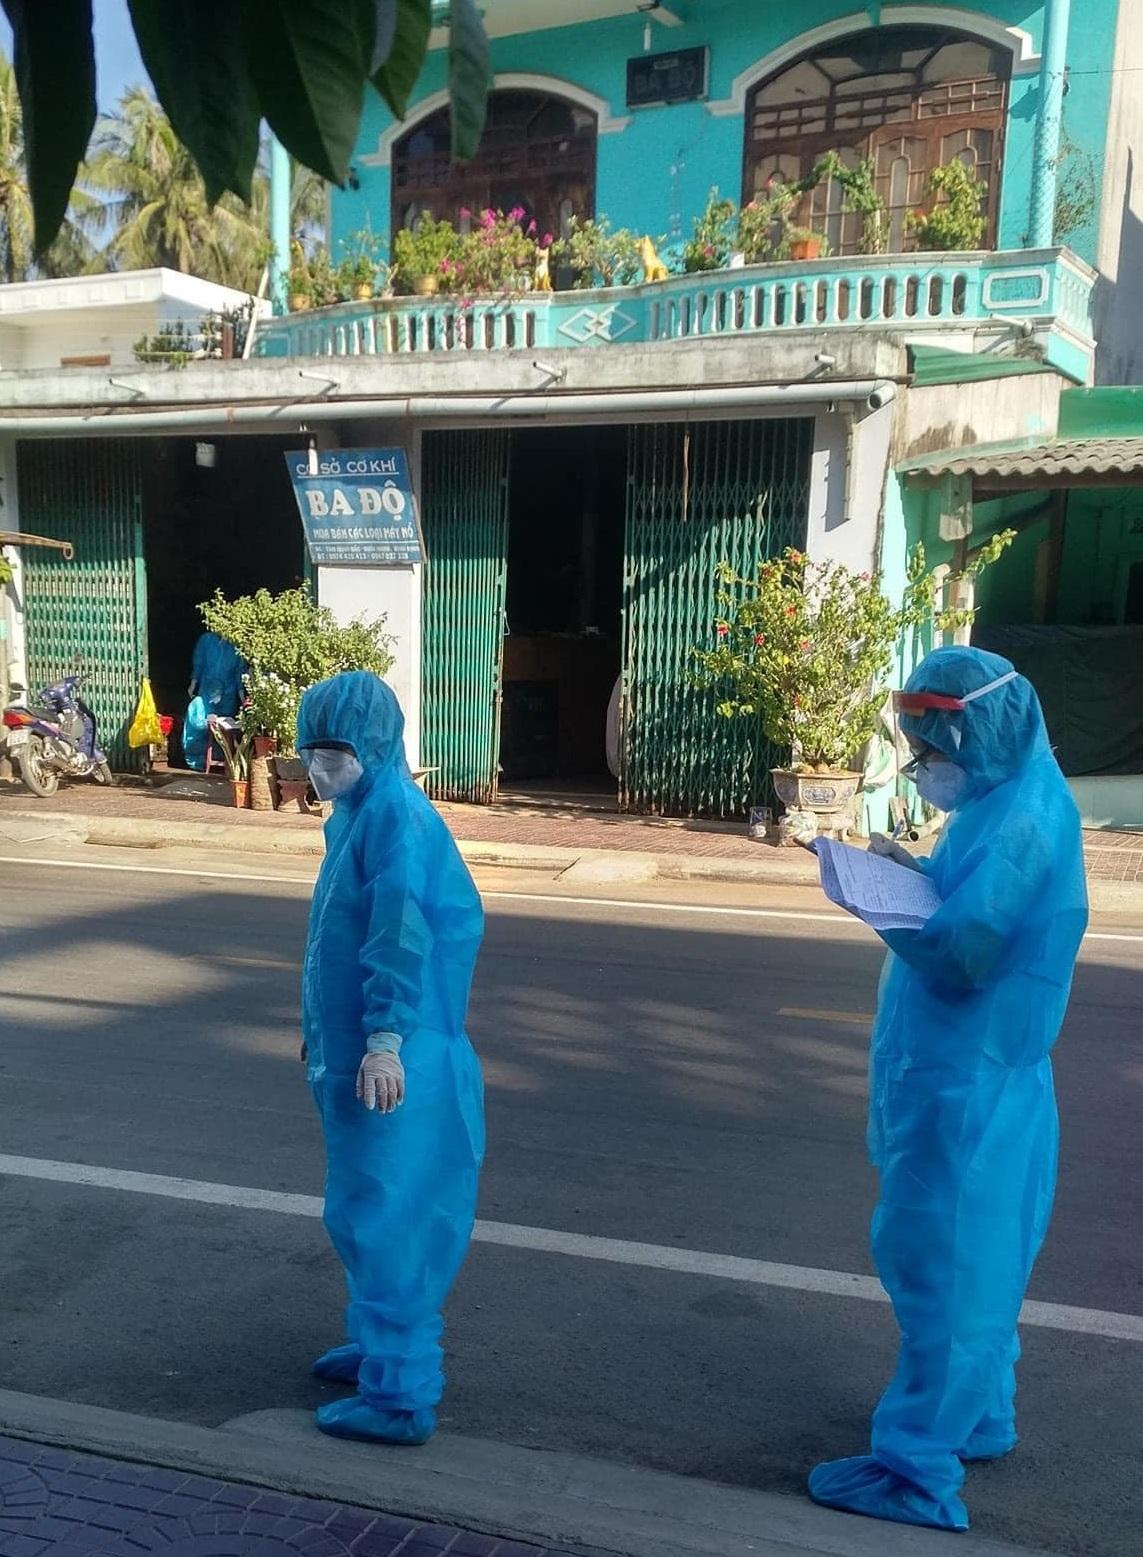 sáng 30/6, tỉnh Bình Định ghi nhận thêm 1 ca dương tính với SARS-CoV-2